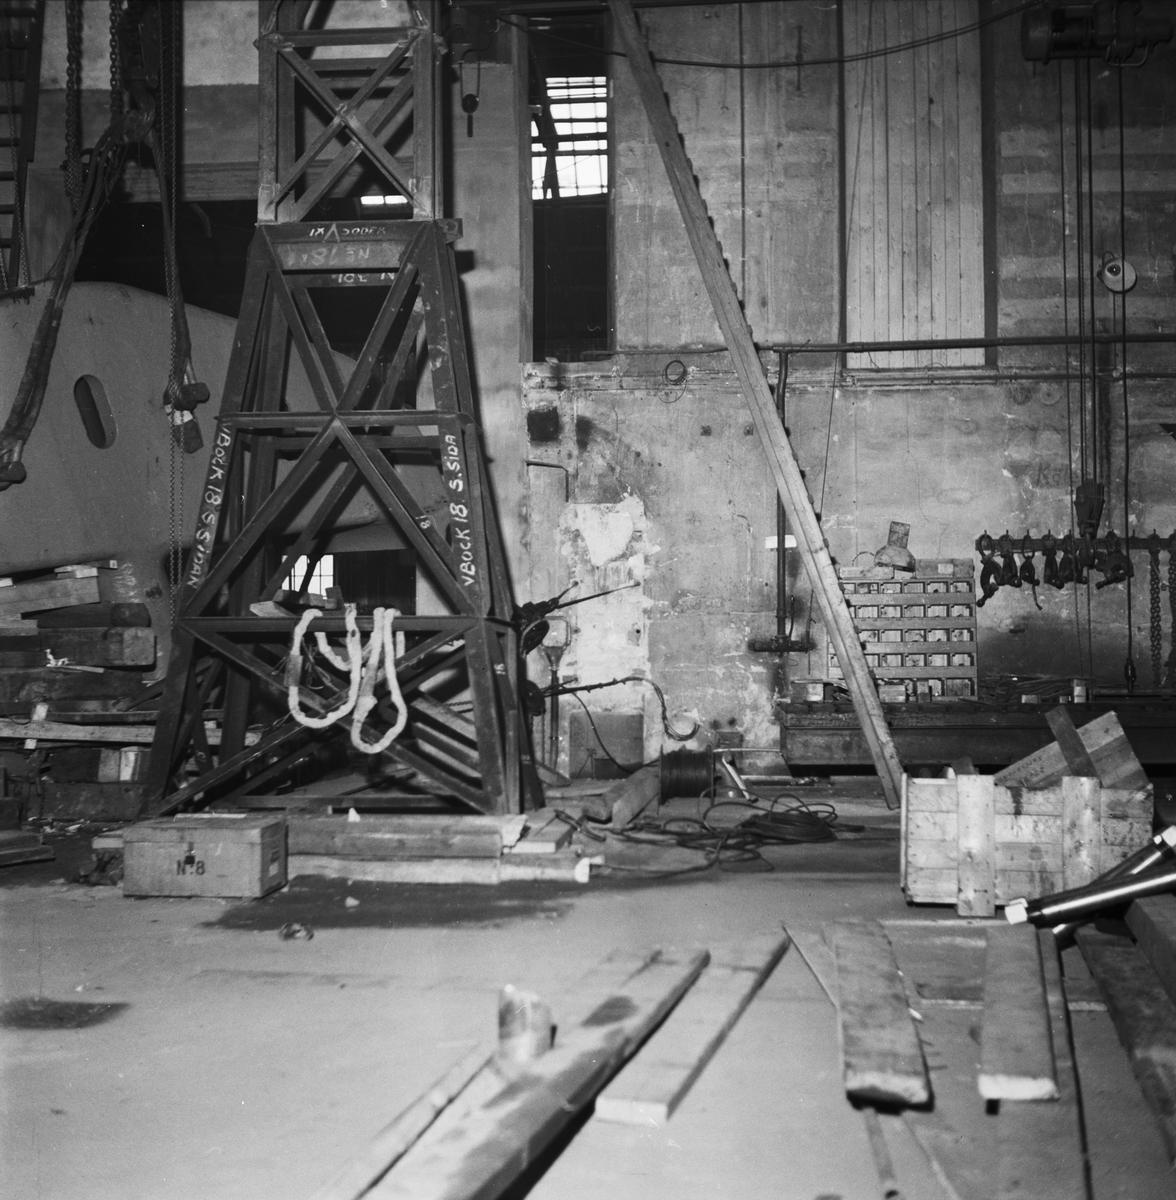 Övrigt: Foto datum: 20/11 1953 Byggnader och kranar Plåtpress under monteringsarbete